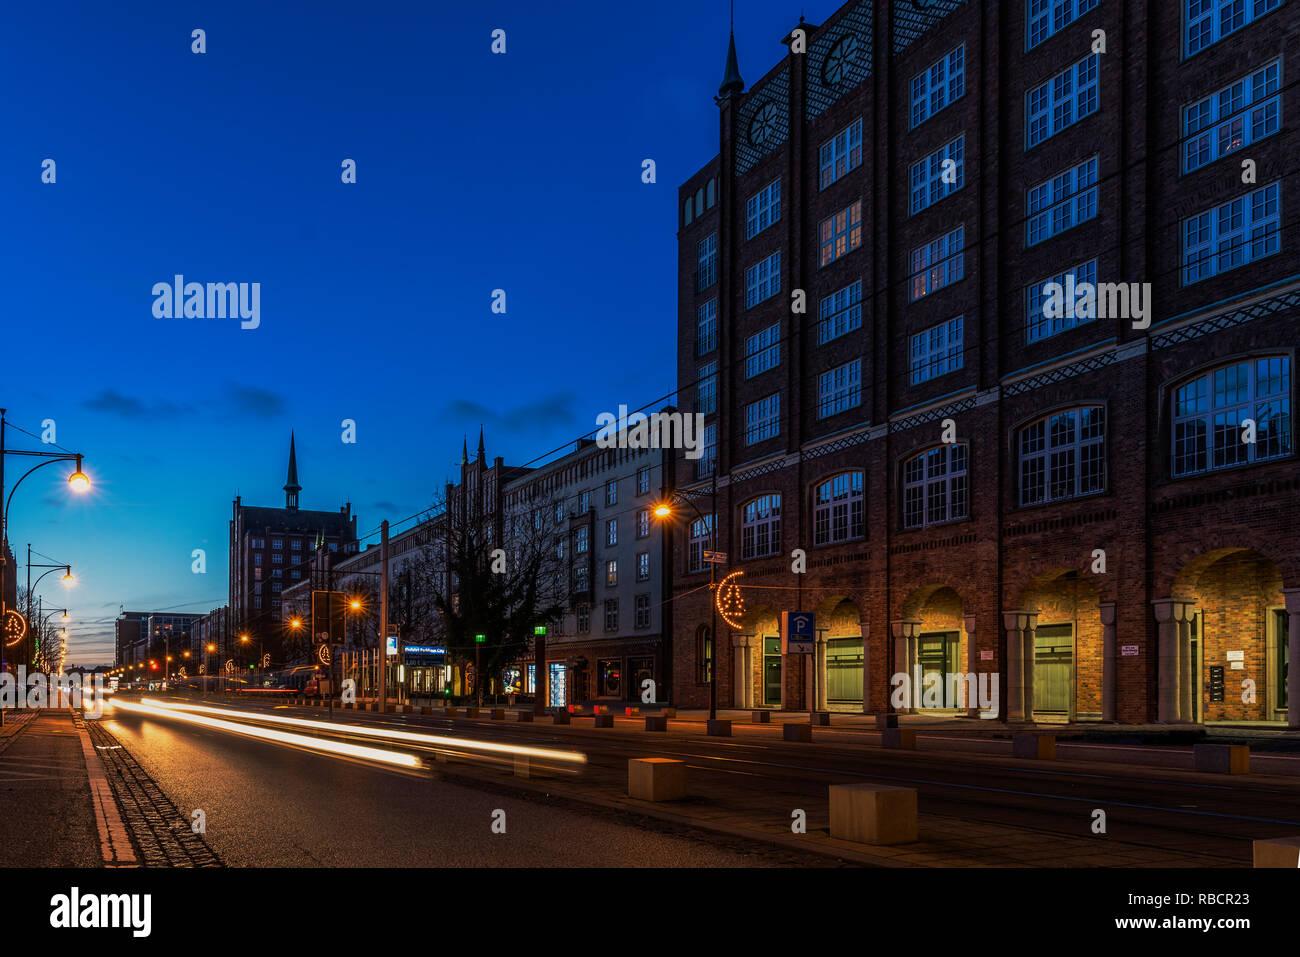 Rostock zur blauen Stunde, Verkehr auf der Langen Straße, Langzeitaufnahme - Stock Image